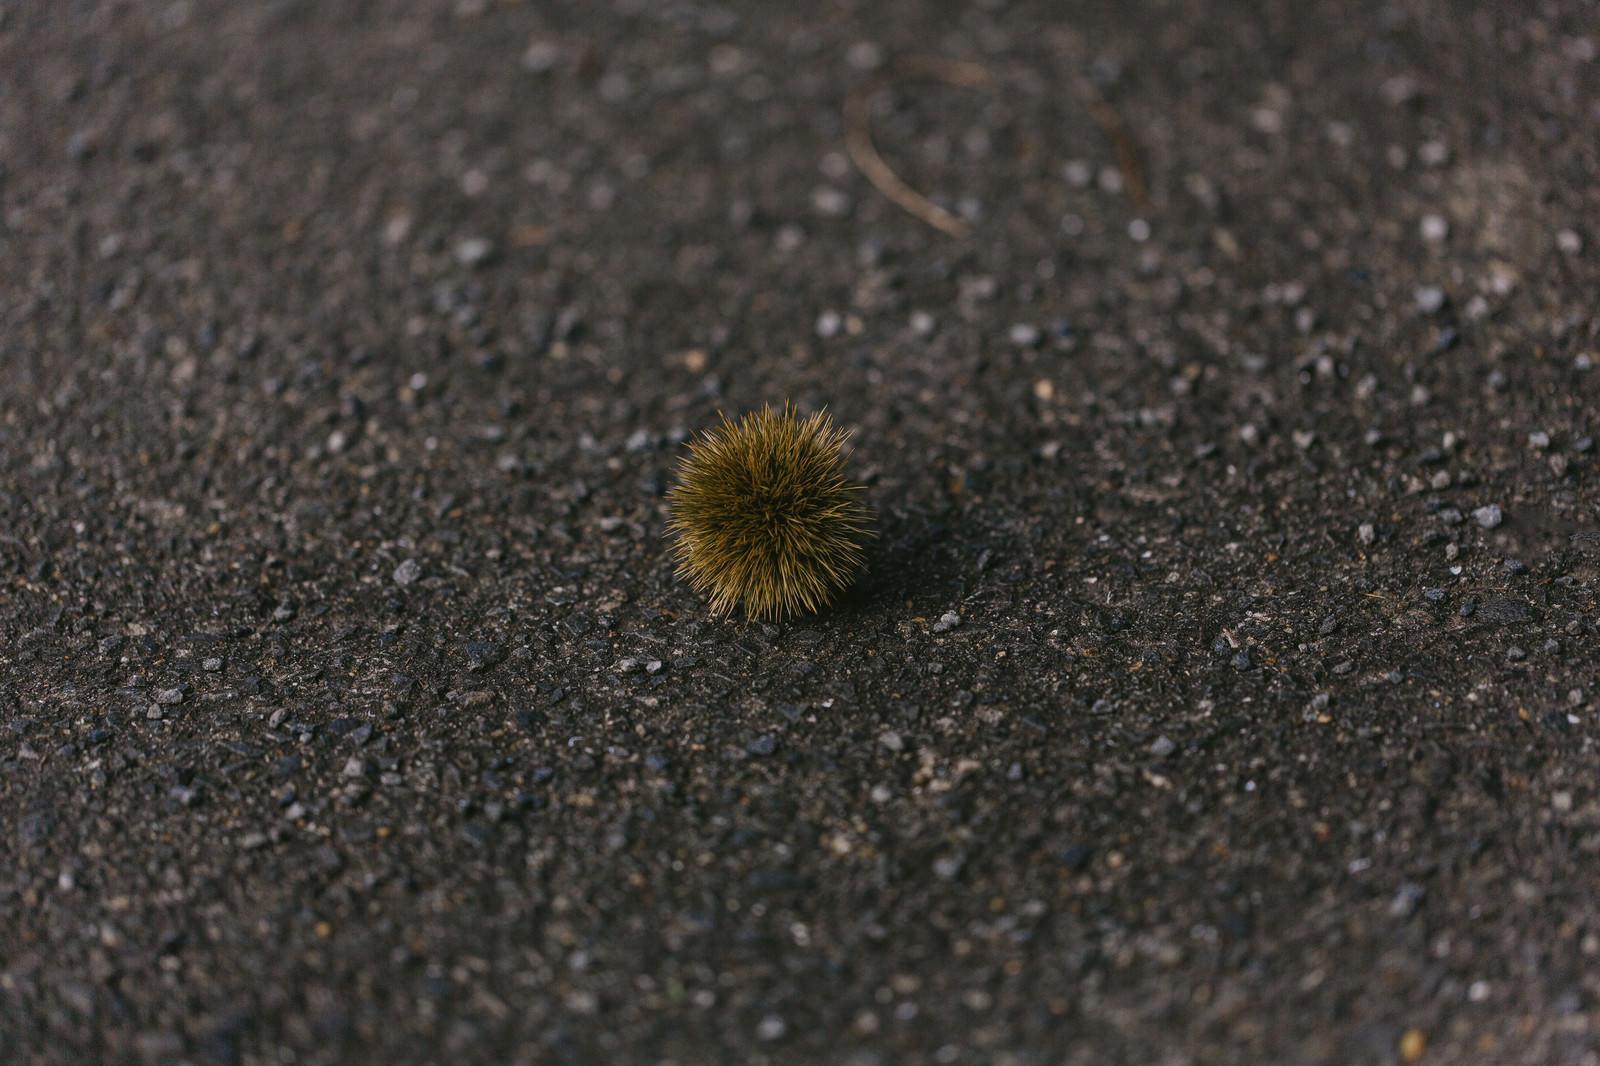 「路上に転がった栗」の写真